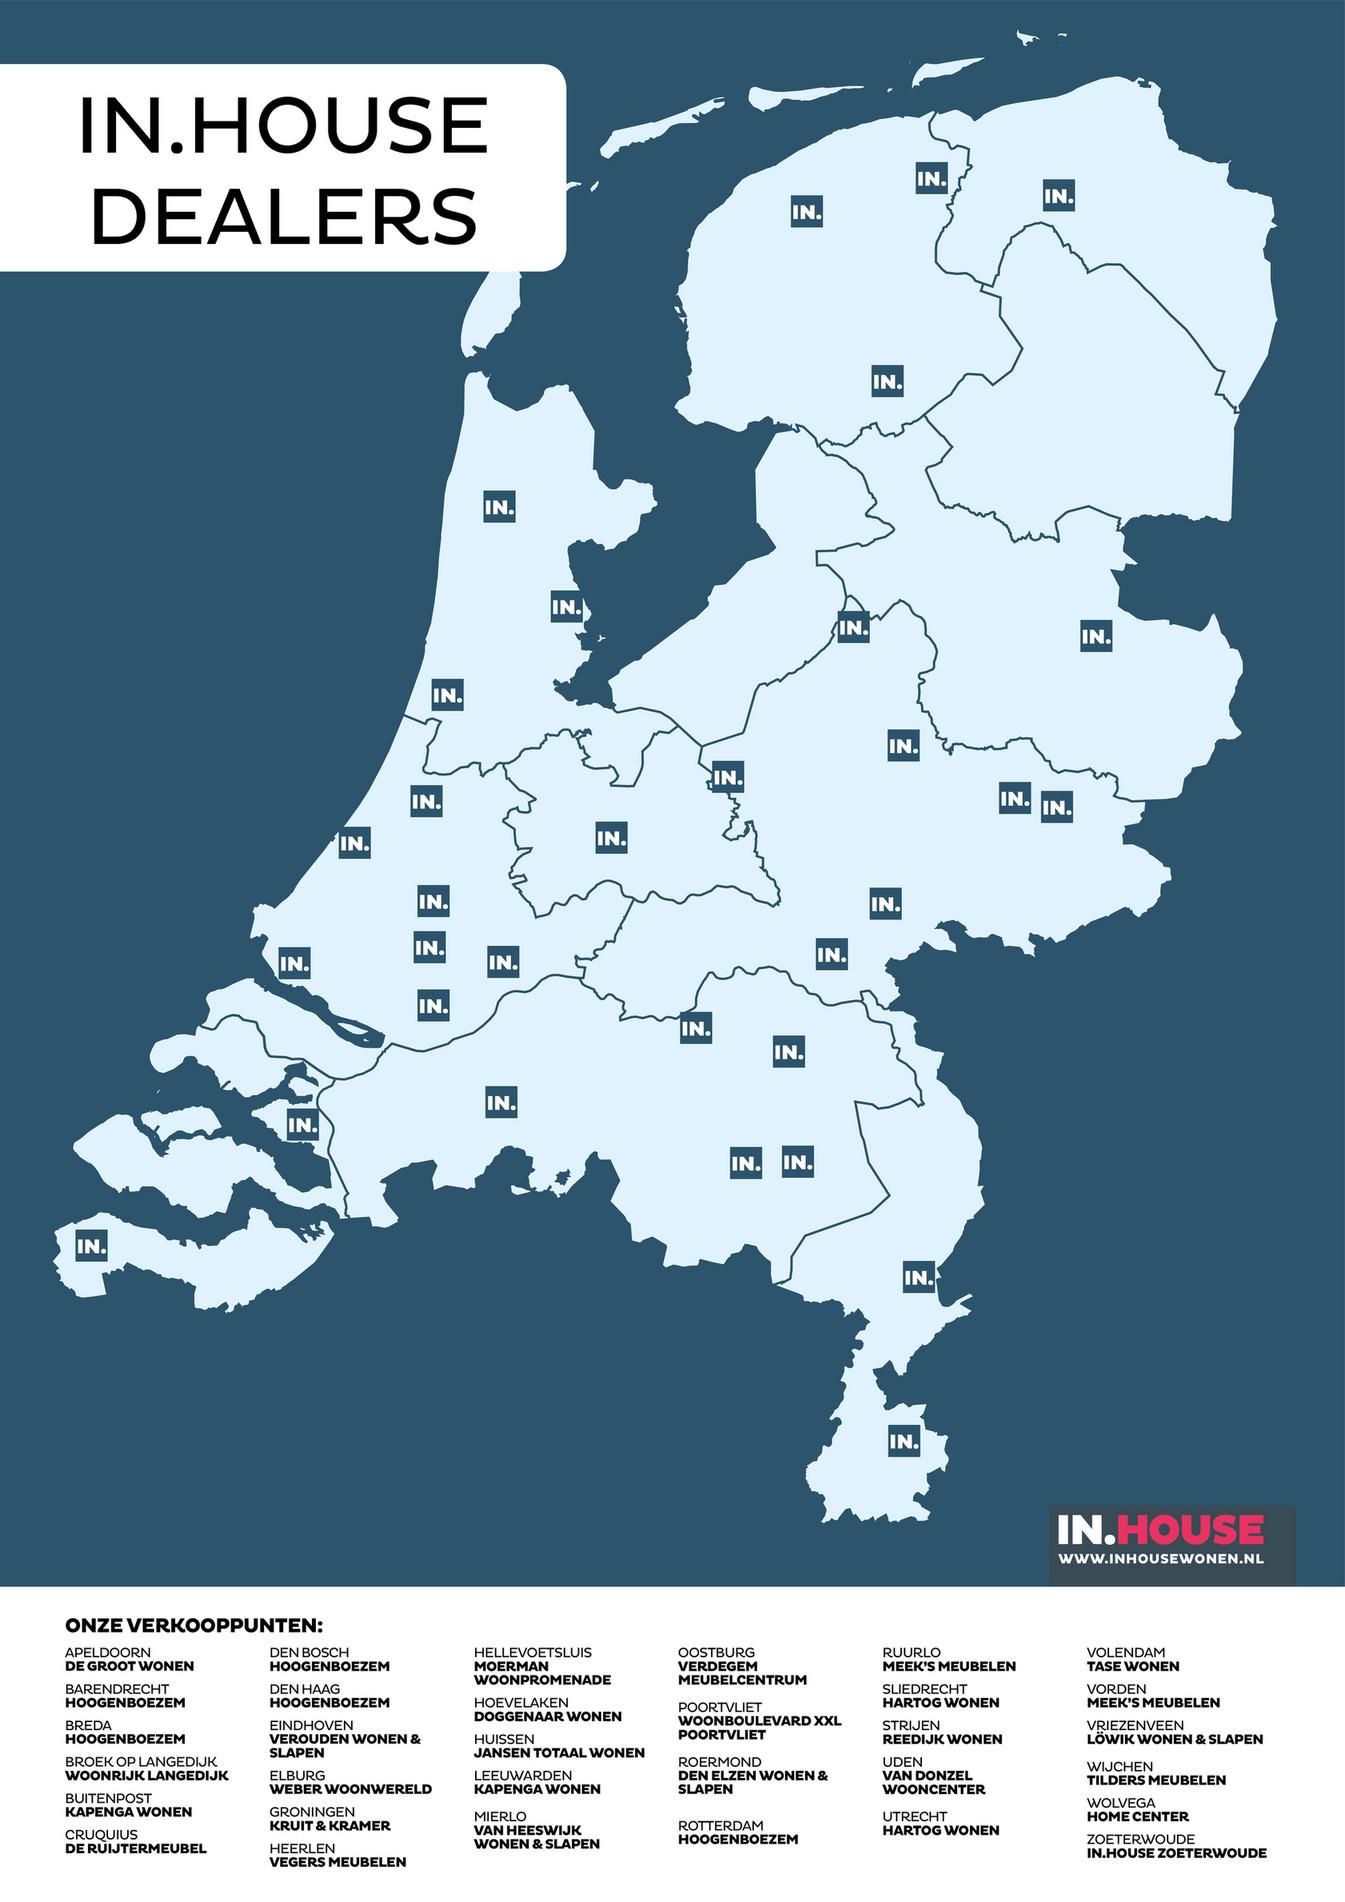 De Groot Wonen Apeldoorn.Internationale Meubel Groep Ih Weekfolder 34 Ih Pagina 1